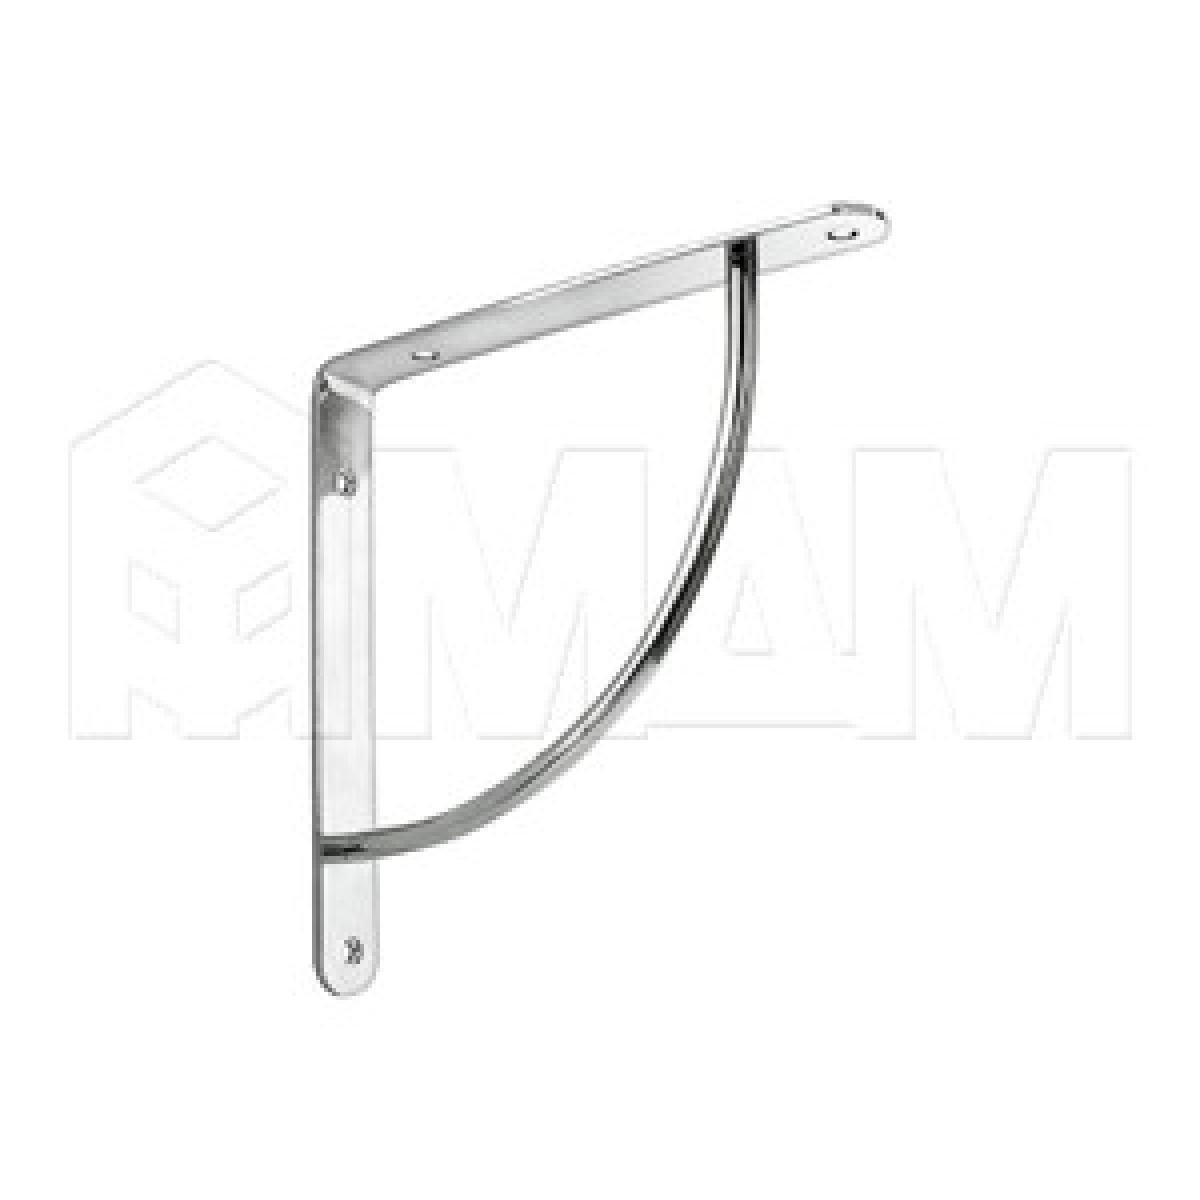 Менсолодержатель для деревянных полок L-220 мм, хром